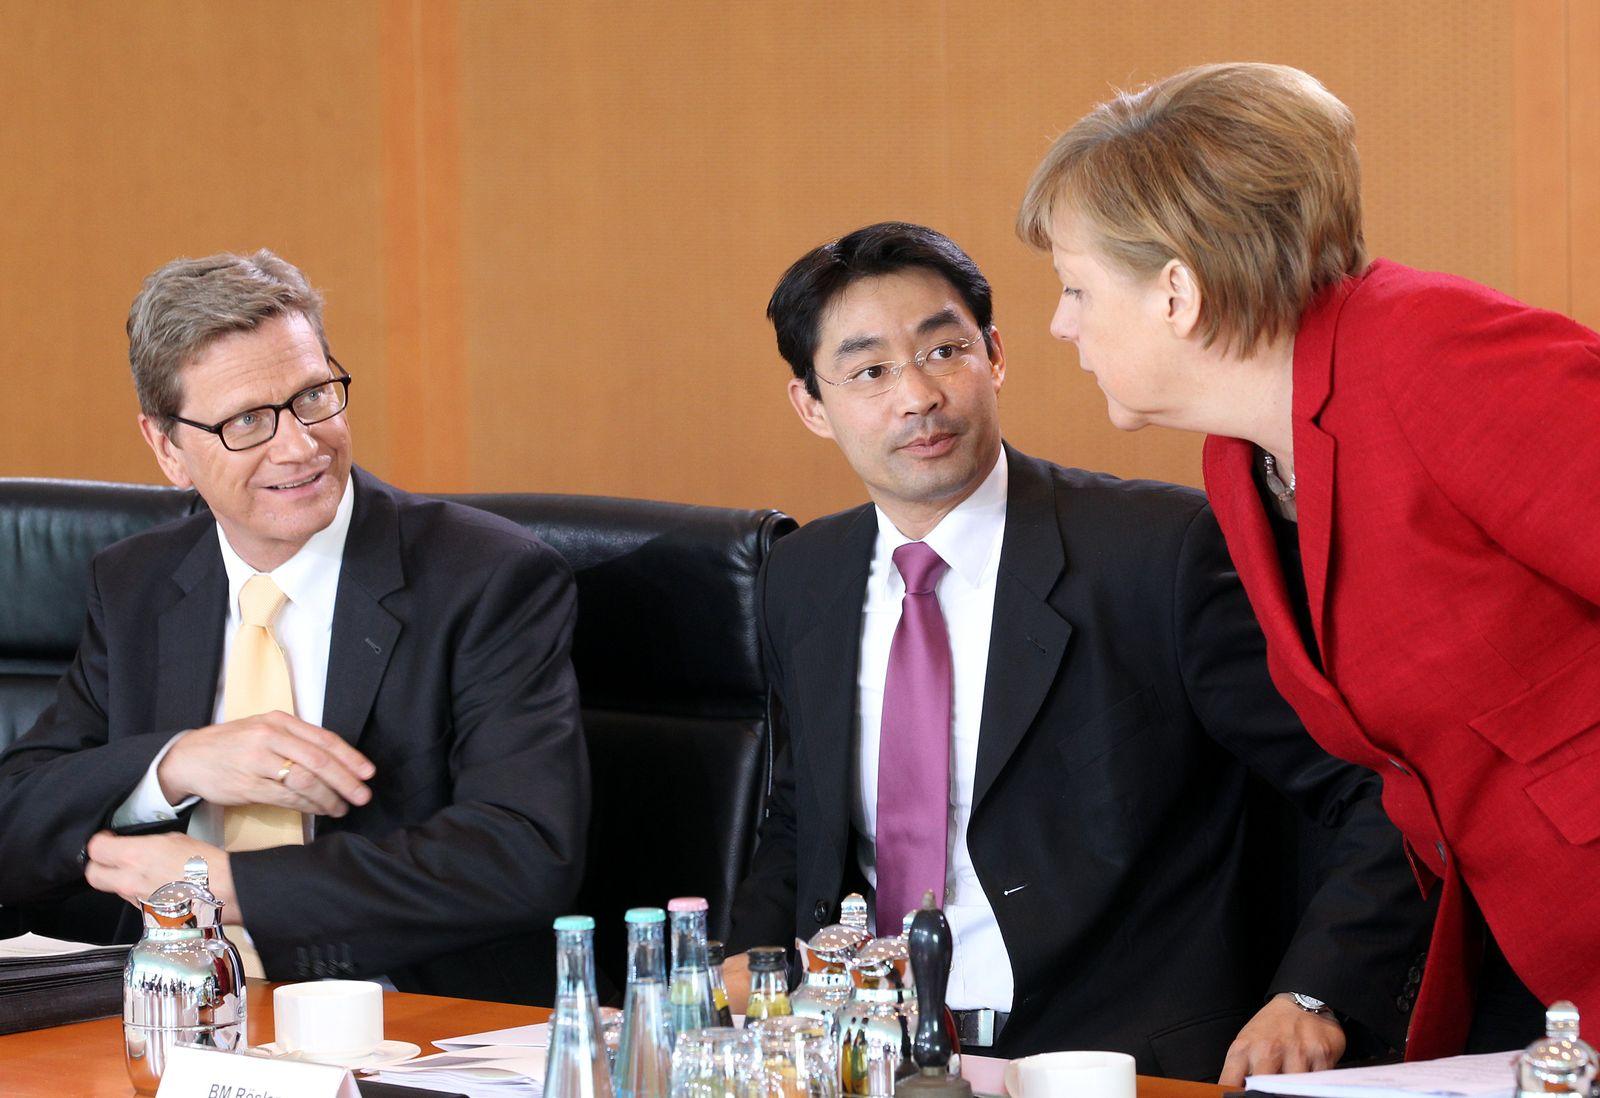 Kabinett - Westerwelle Merkel Rösler